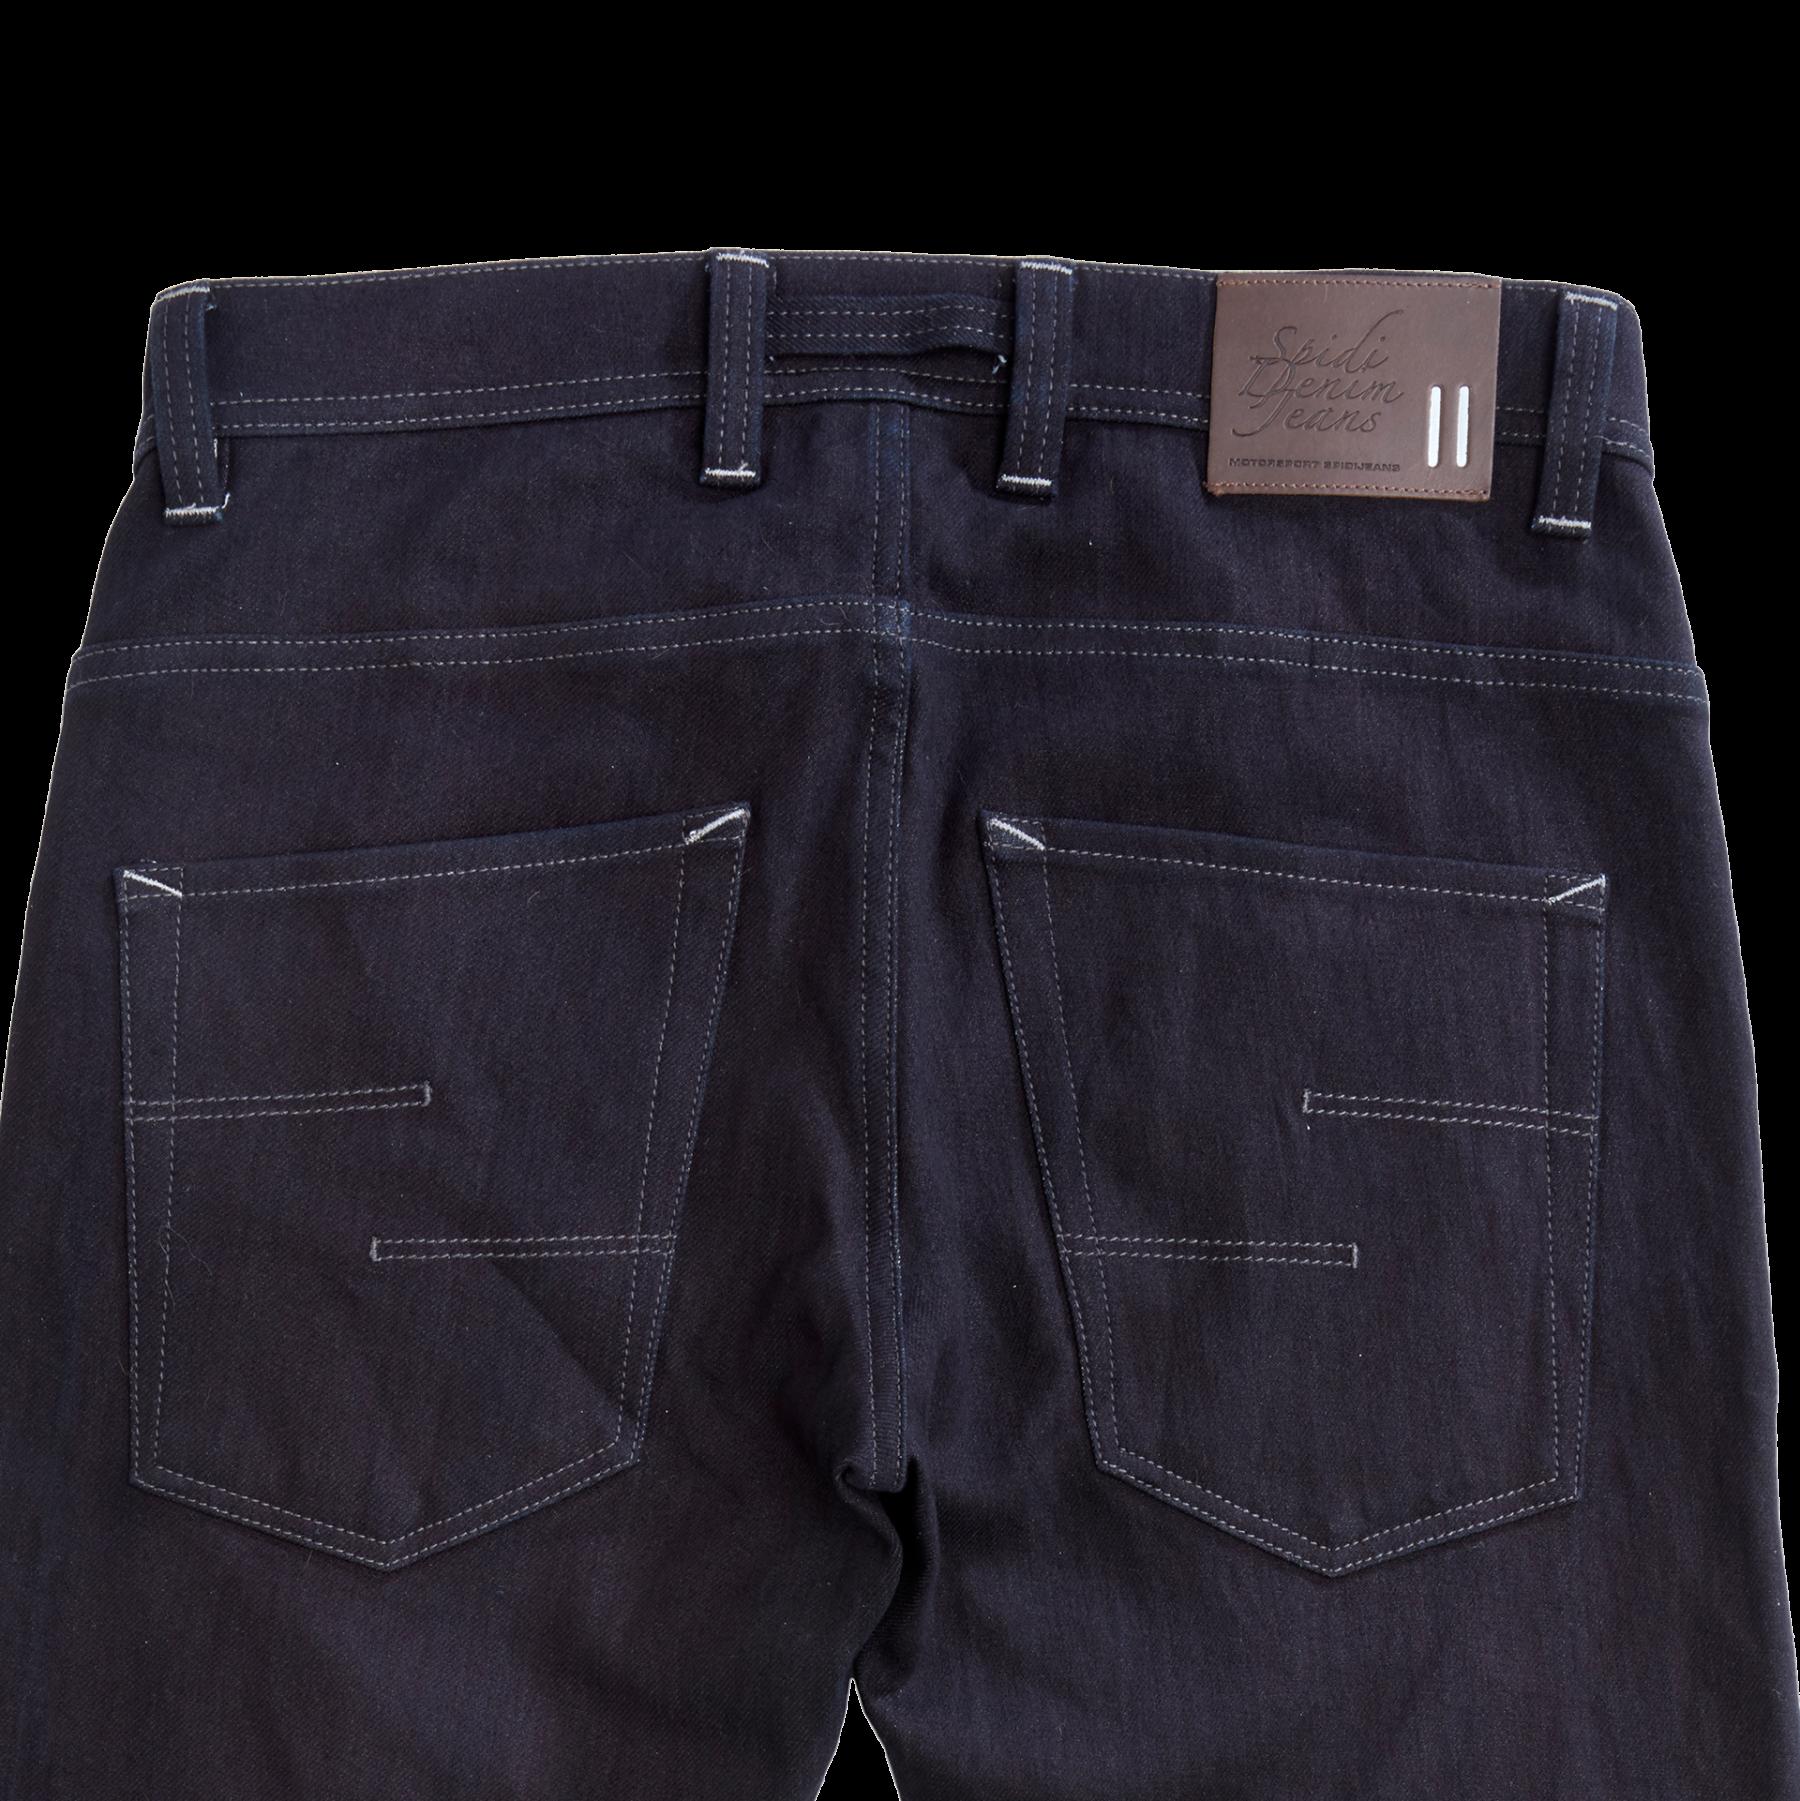 Jeans da moto Spidi con protezioni J&DYNEEMA EVO Nero 4